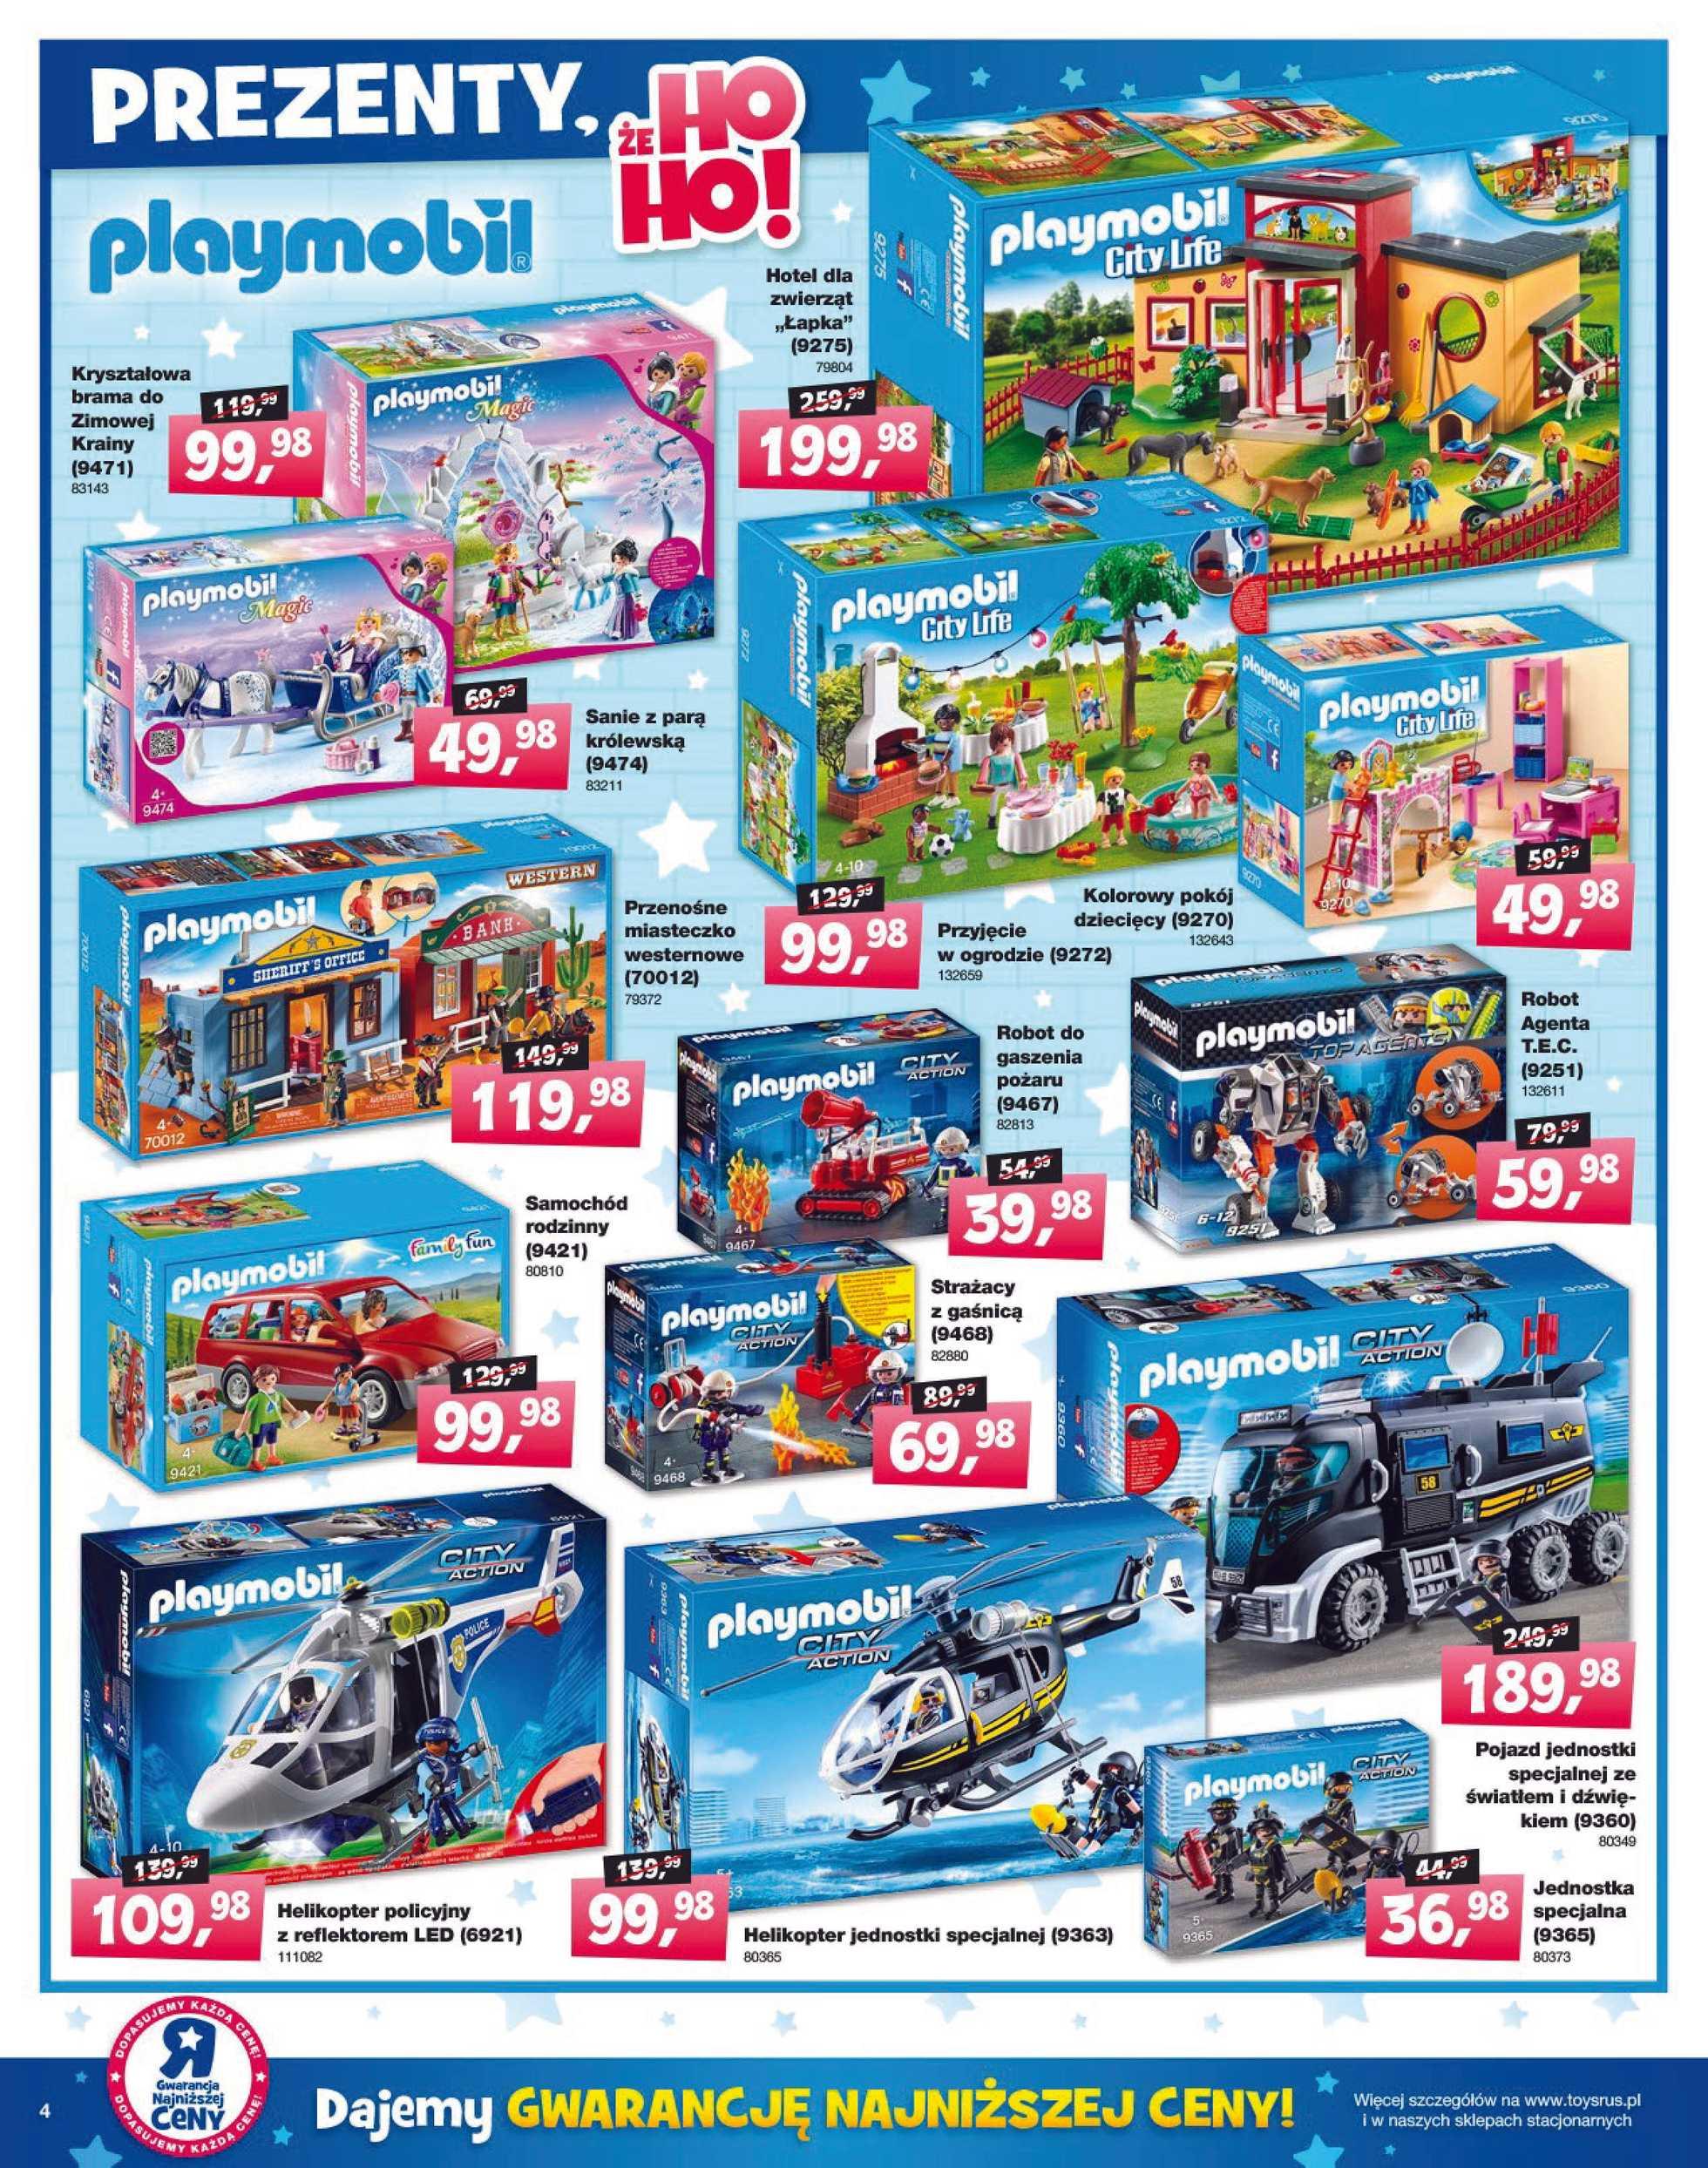 Toysrus - gazetka promocyjna ważna od 04.12.2019 do 10.12.2019 - strona 4.